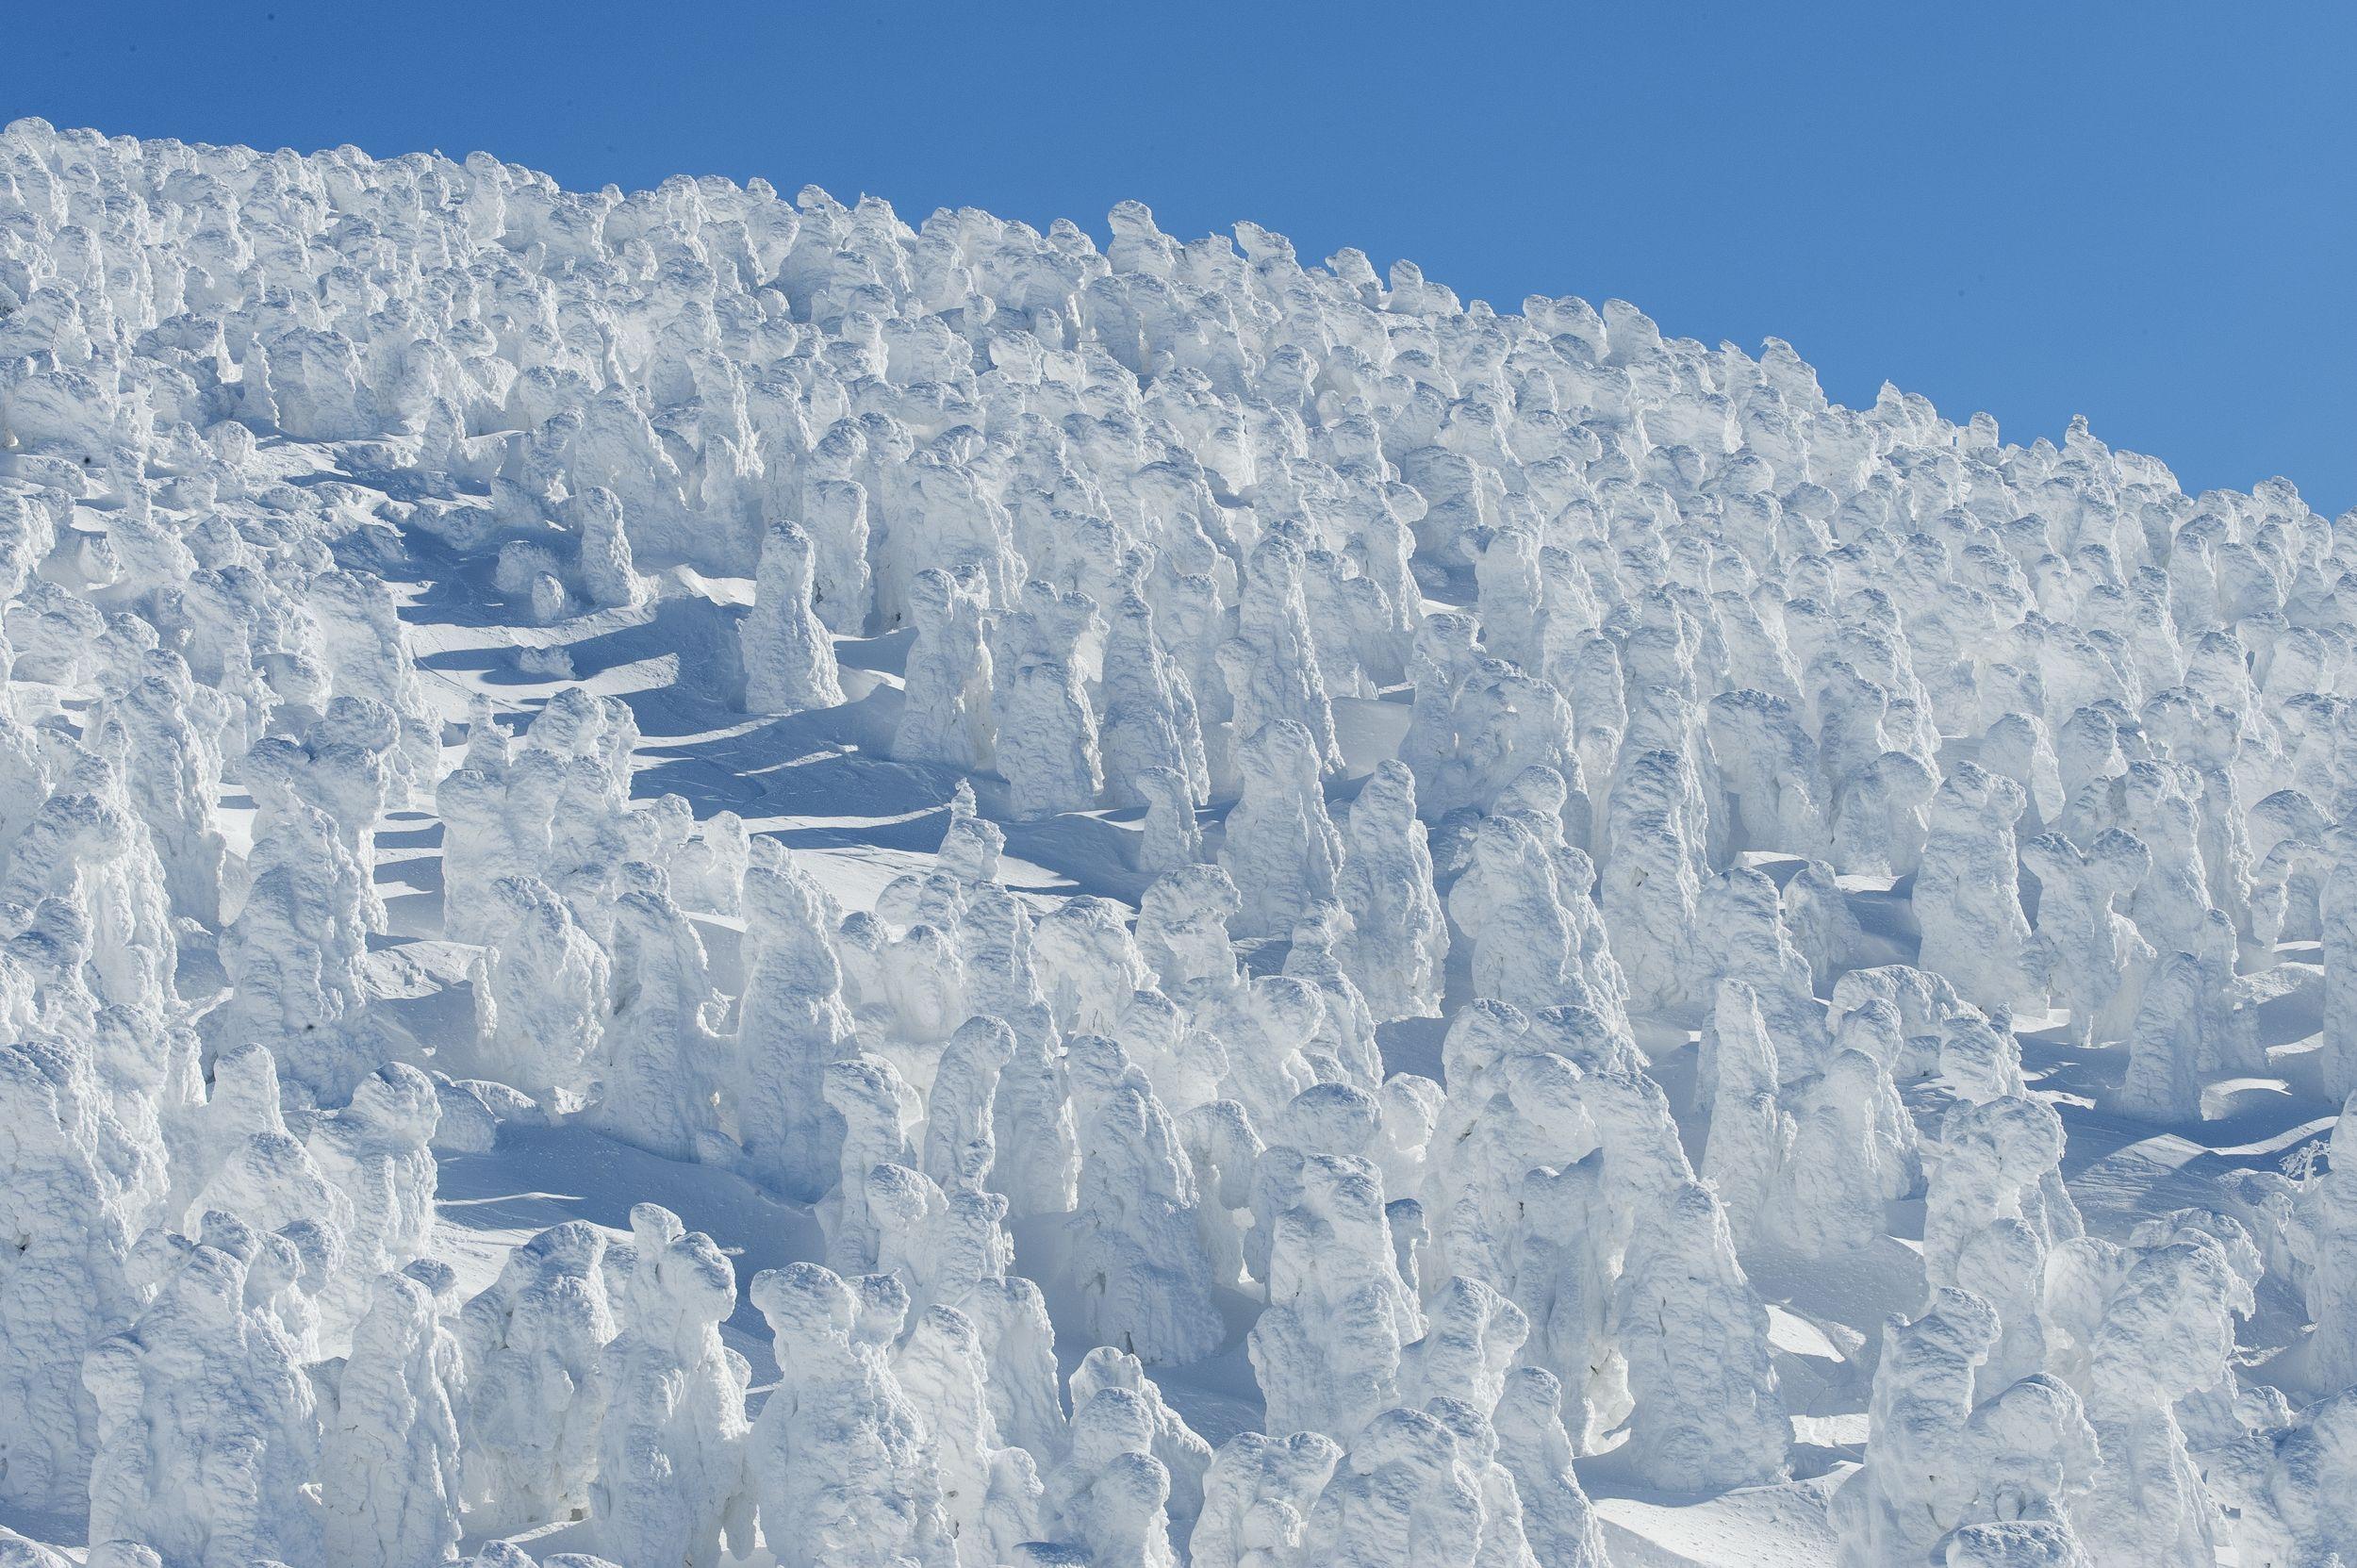 โปรแกรมตัวอย่าง เพลิดเพลินกับปีศาจหิมะในฤดูหนาวด้วยโรปเวย์ (ยามากาตะ) 2 วัน 1 คืน